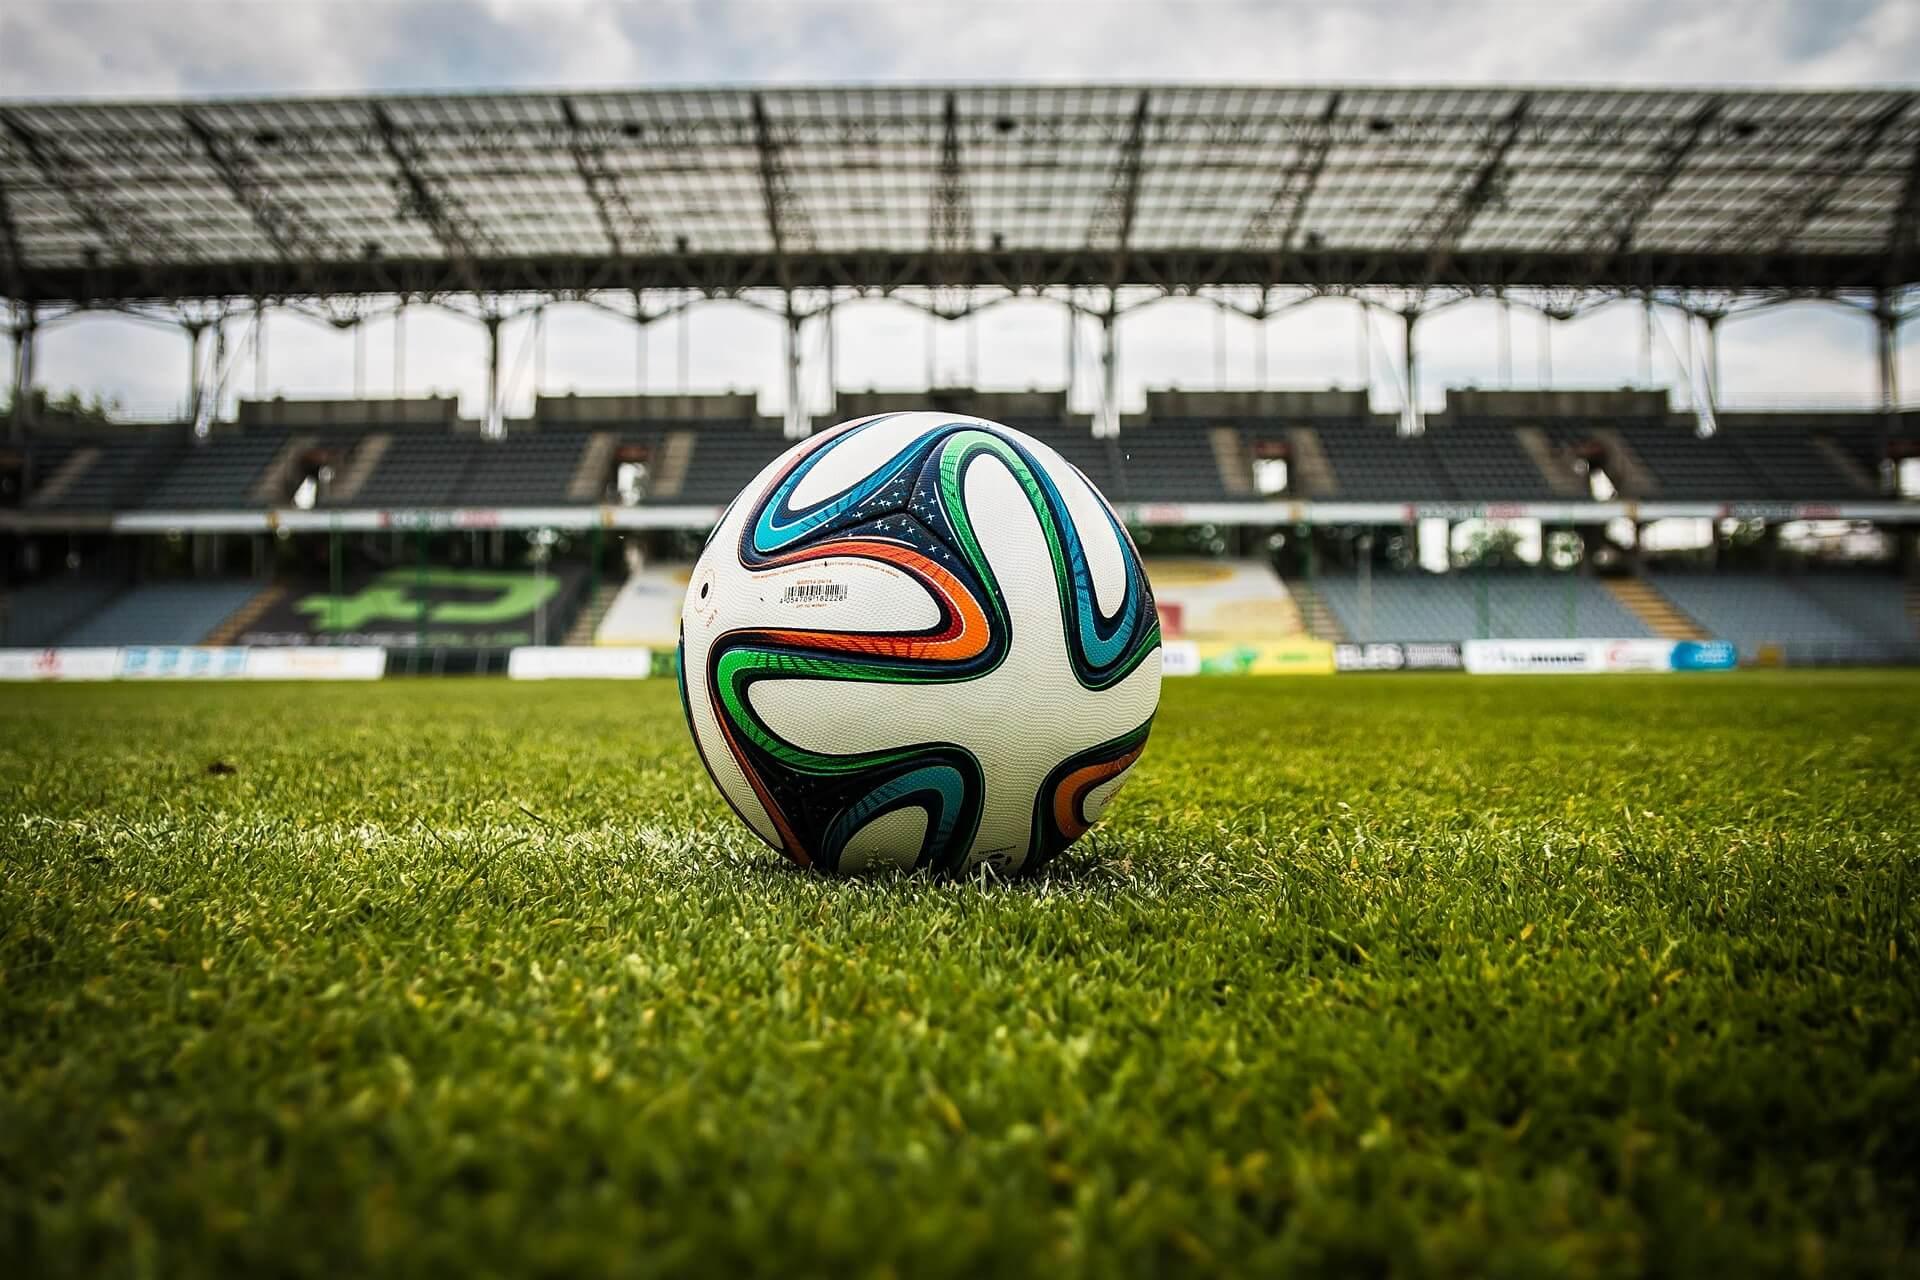 voetbalweekend